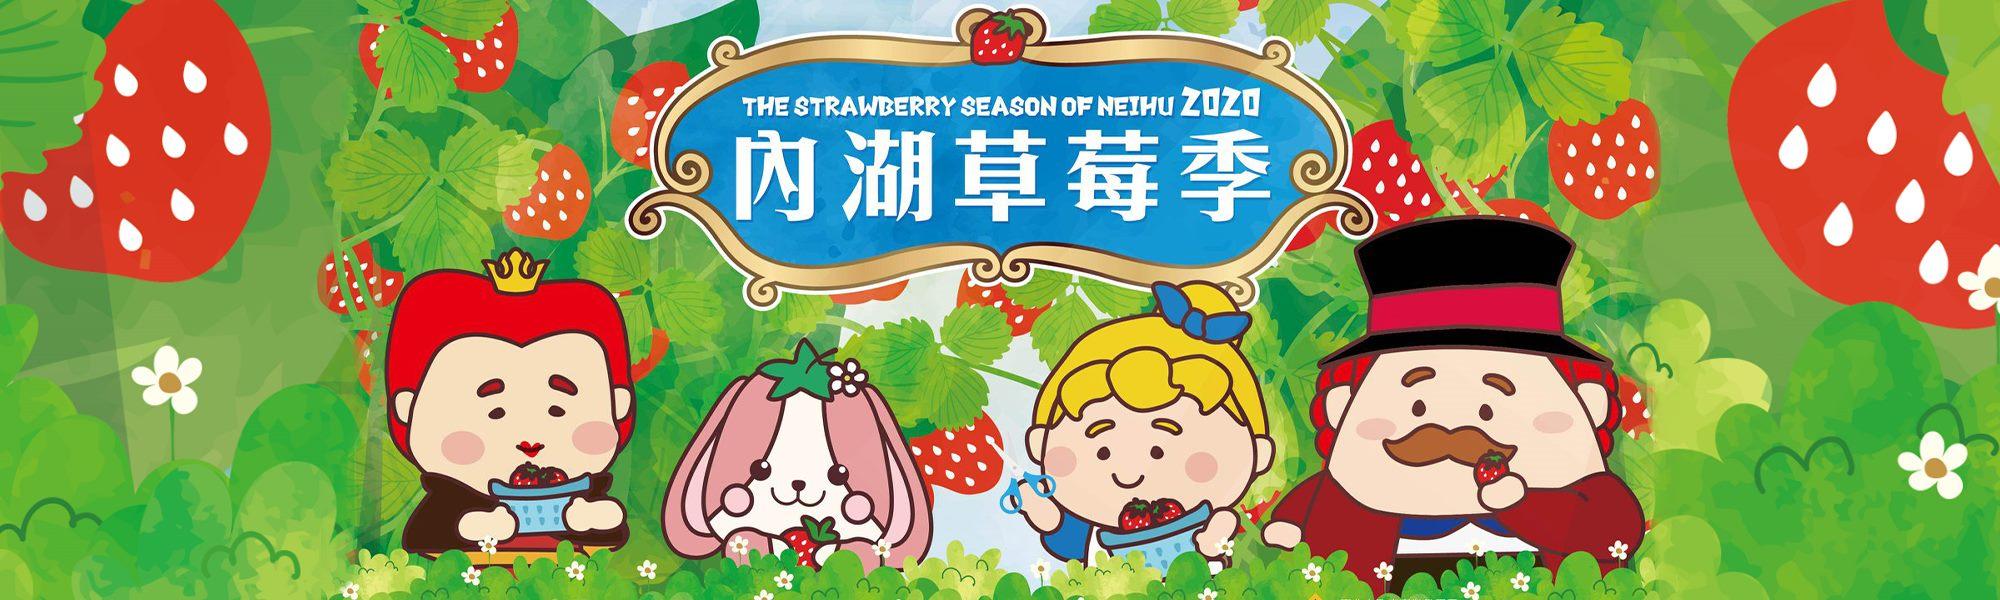 2020內湖草莓季